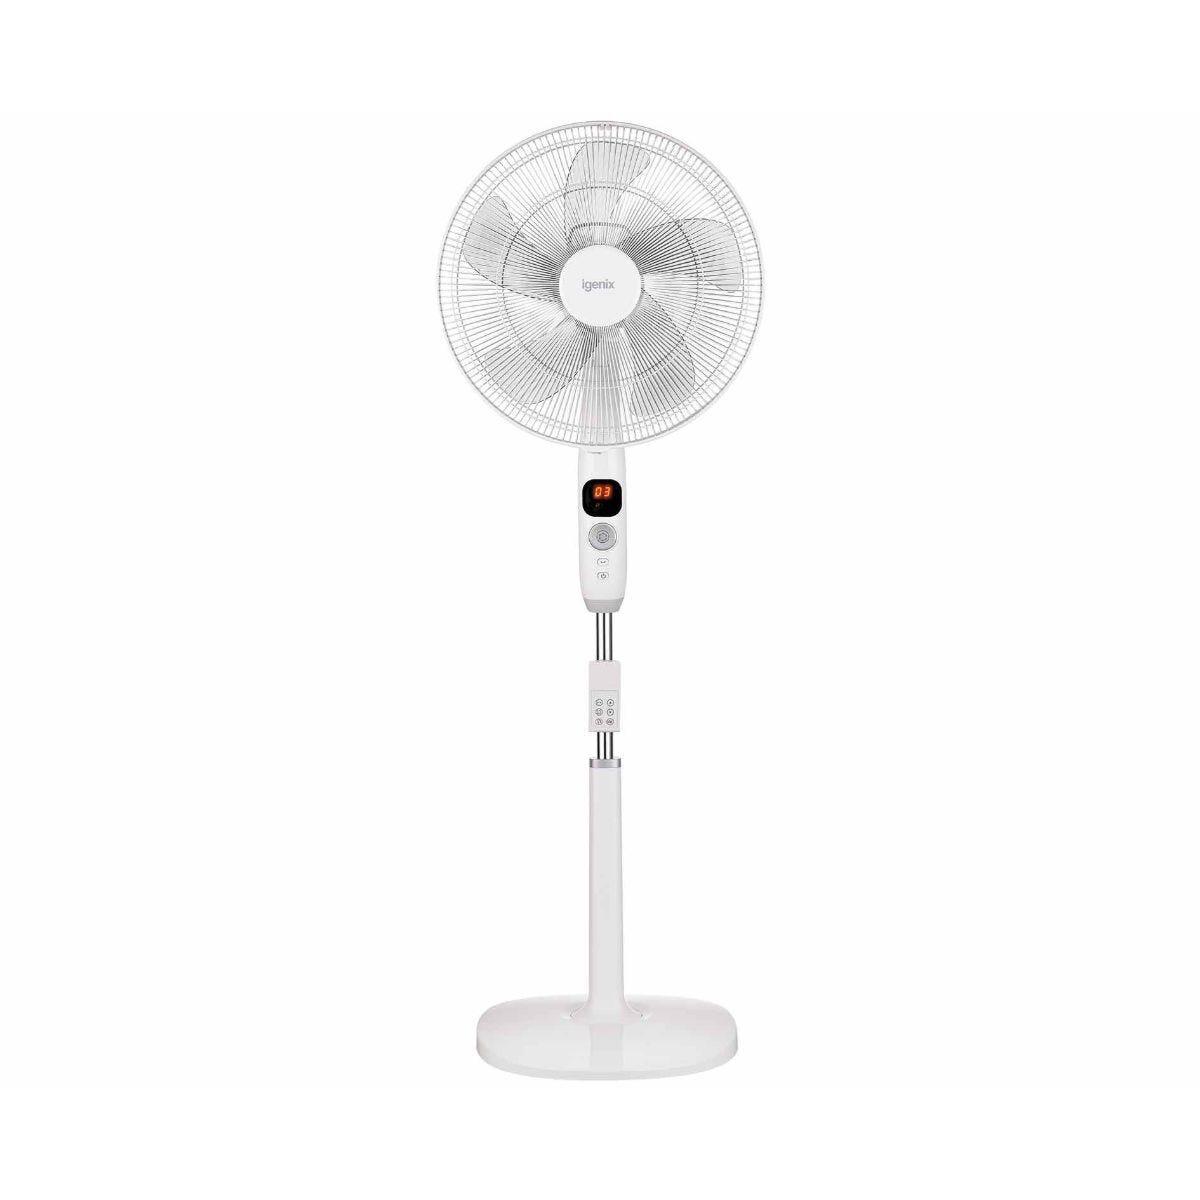 Igenix 16 inch Digital Pedestal Floor Fan with DC Motor